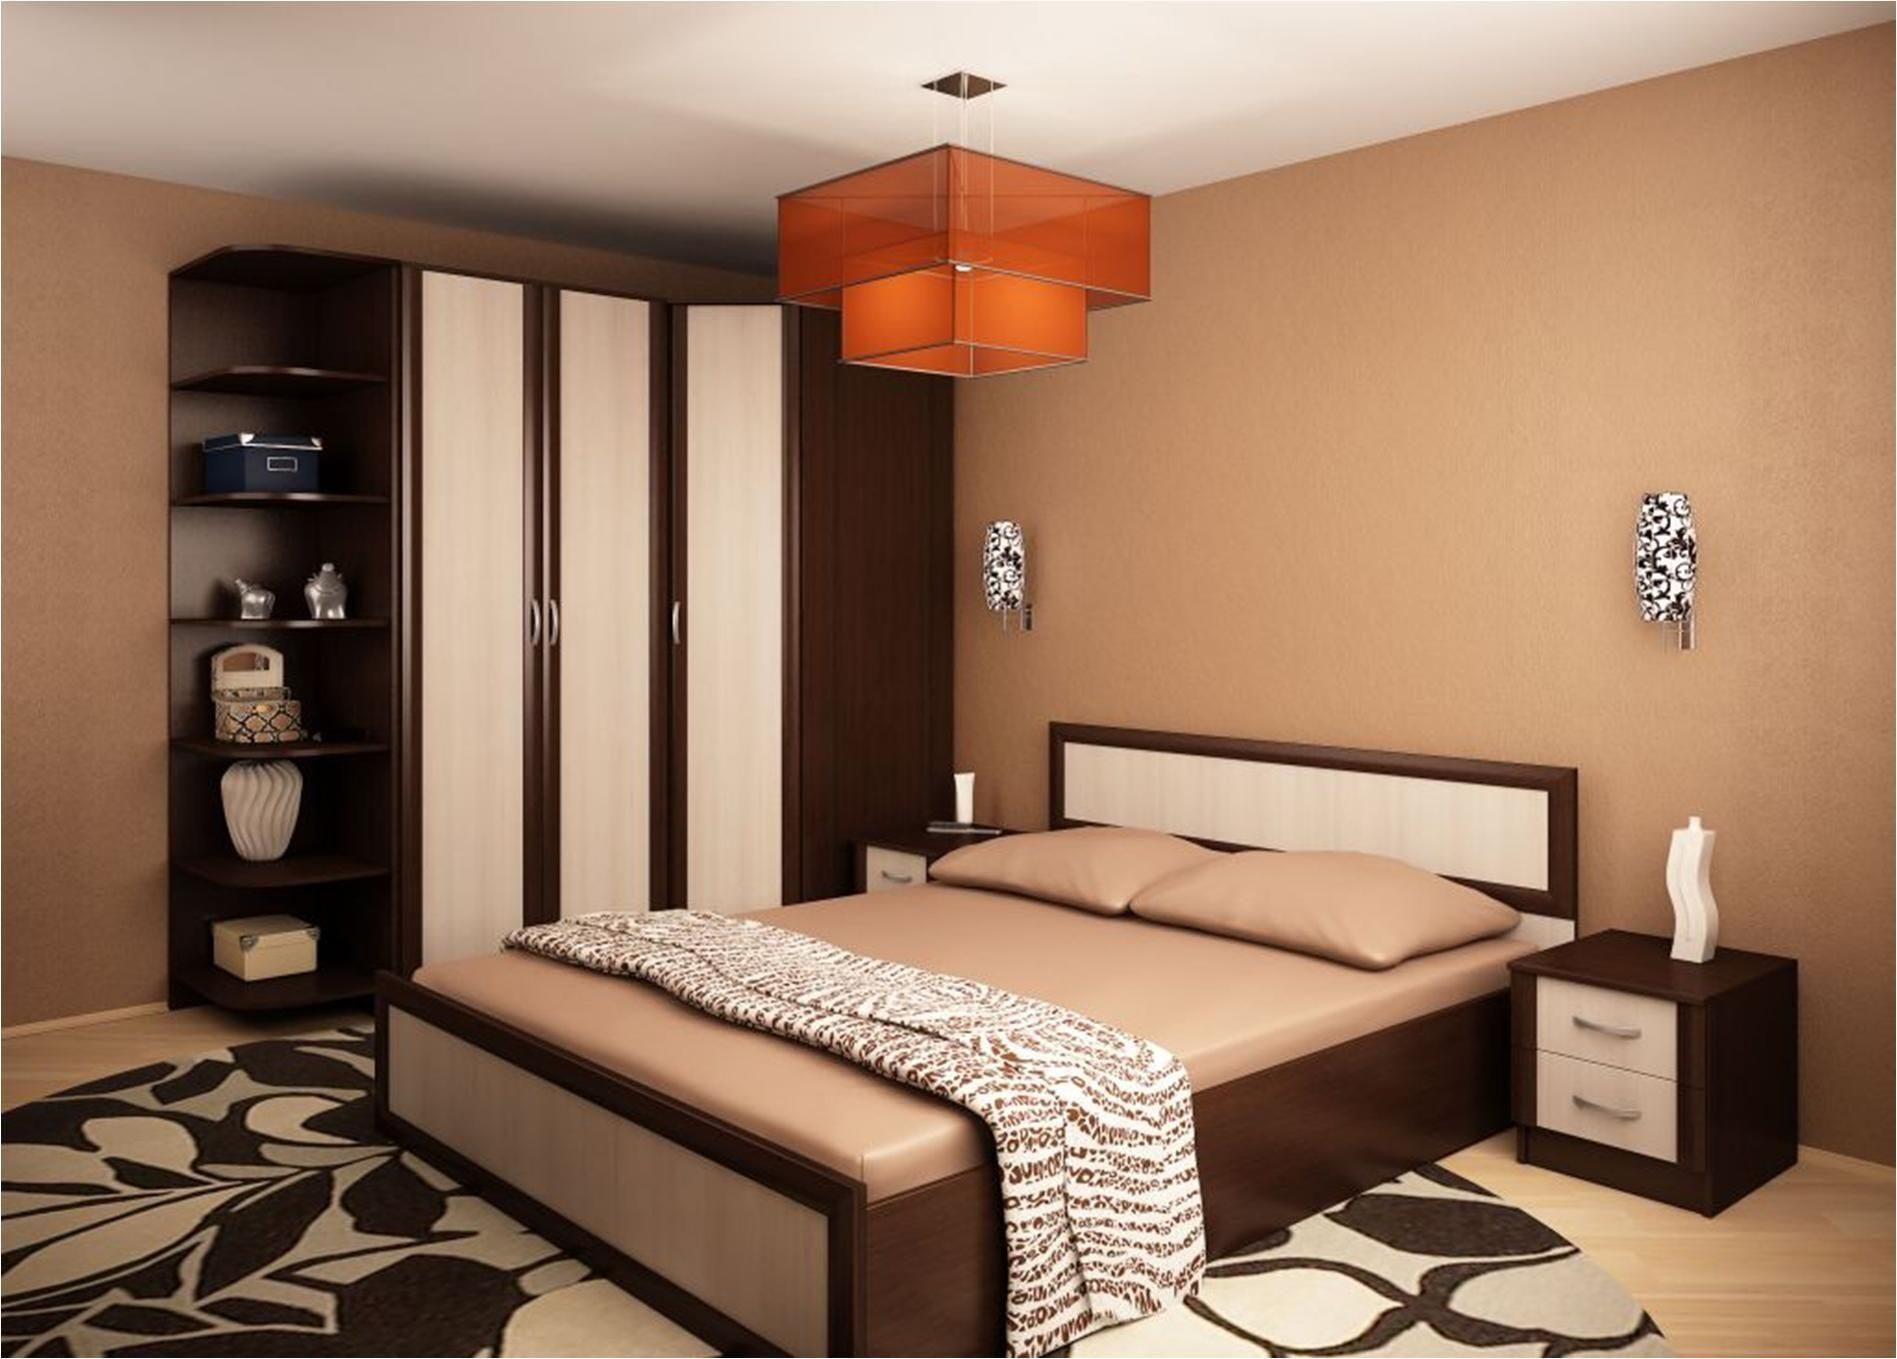 Спальня валерия 10 с матрасом - московский дом мебели.